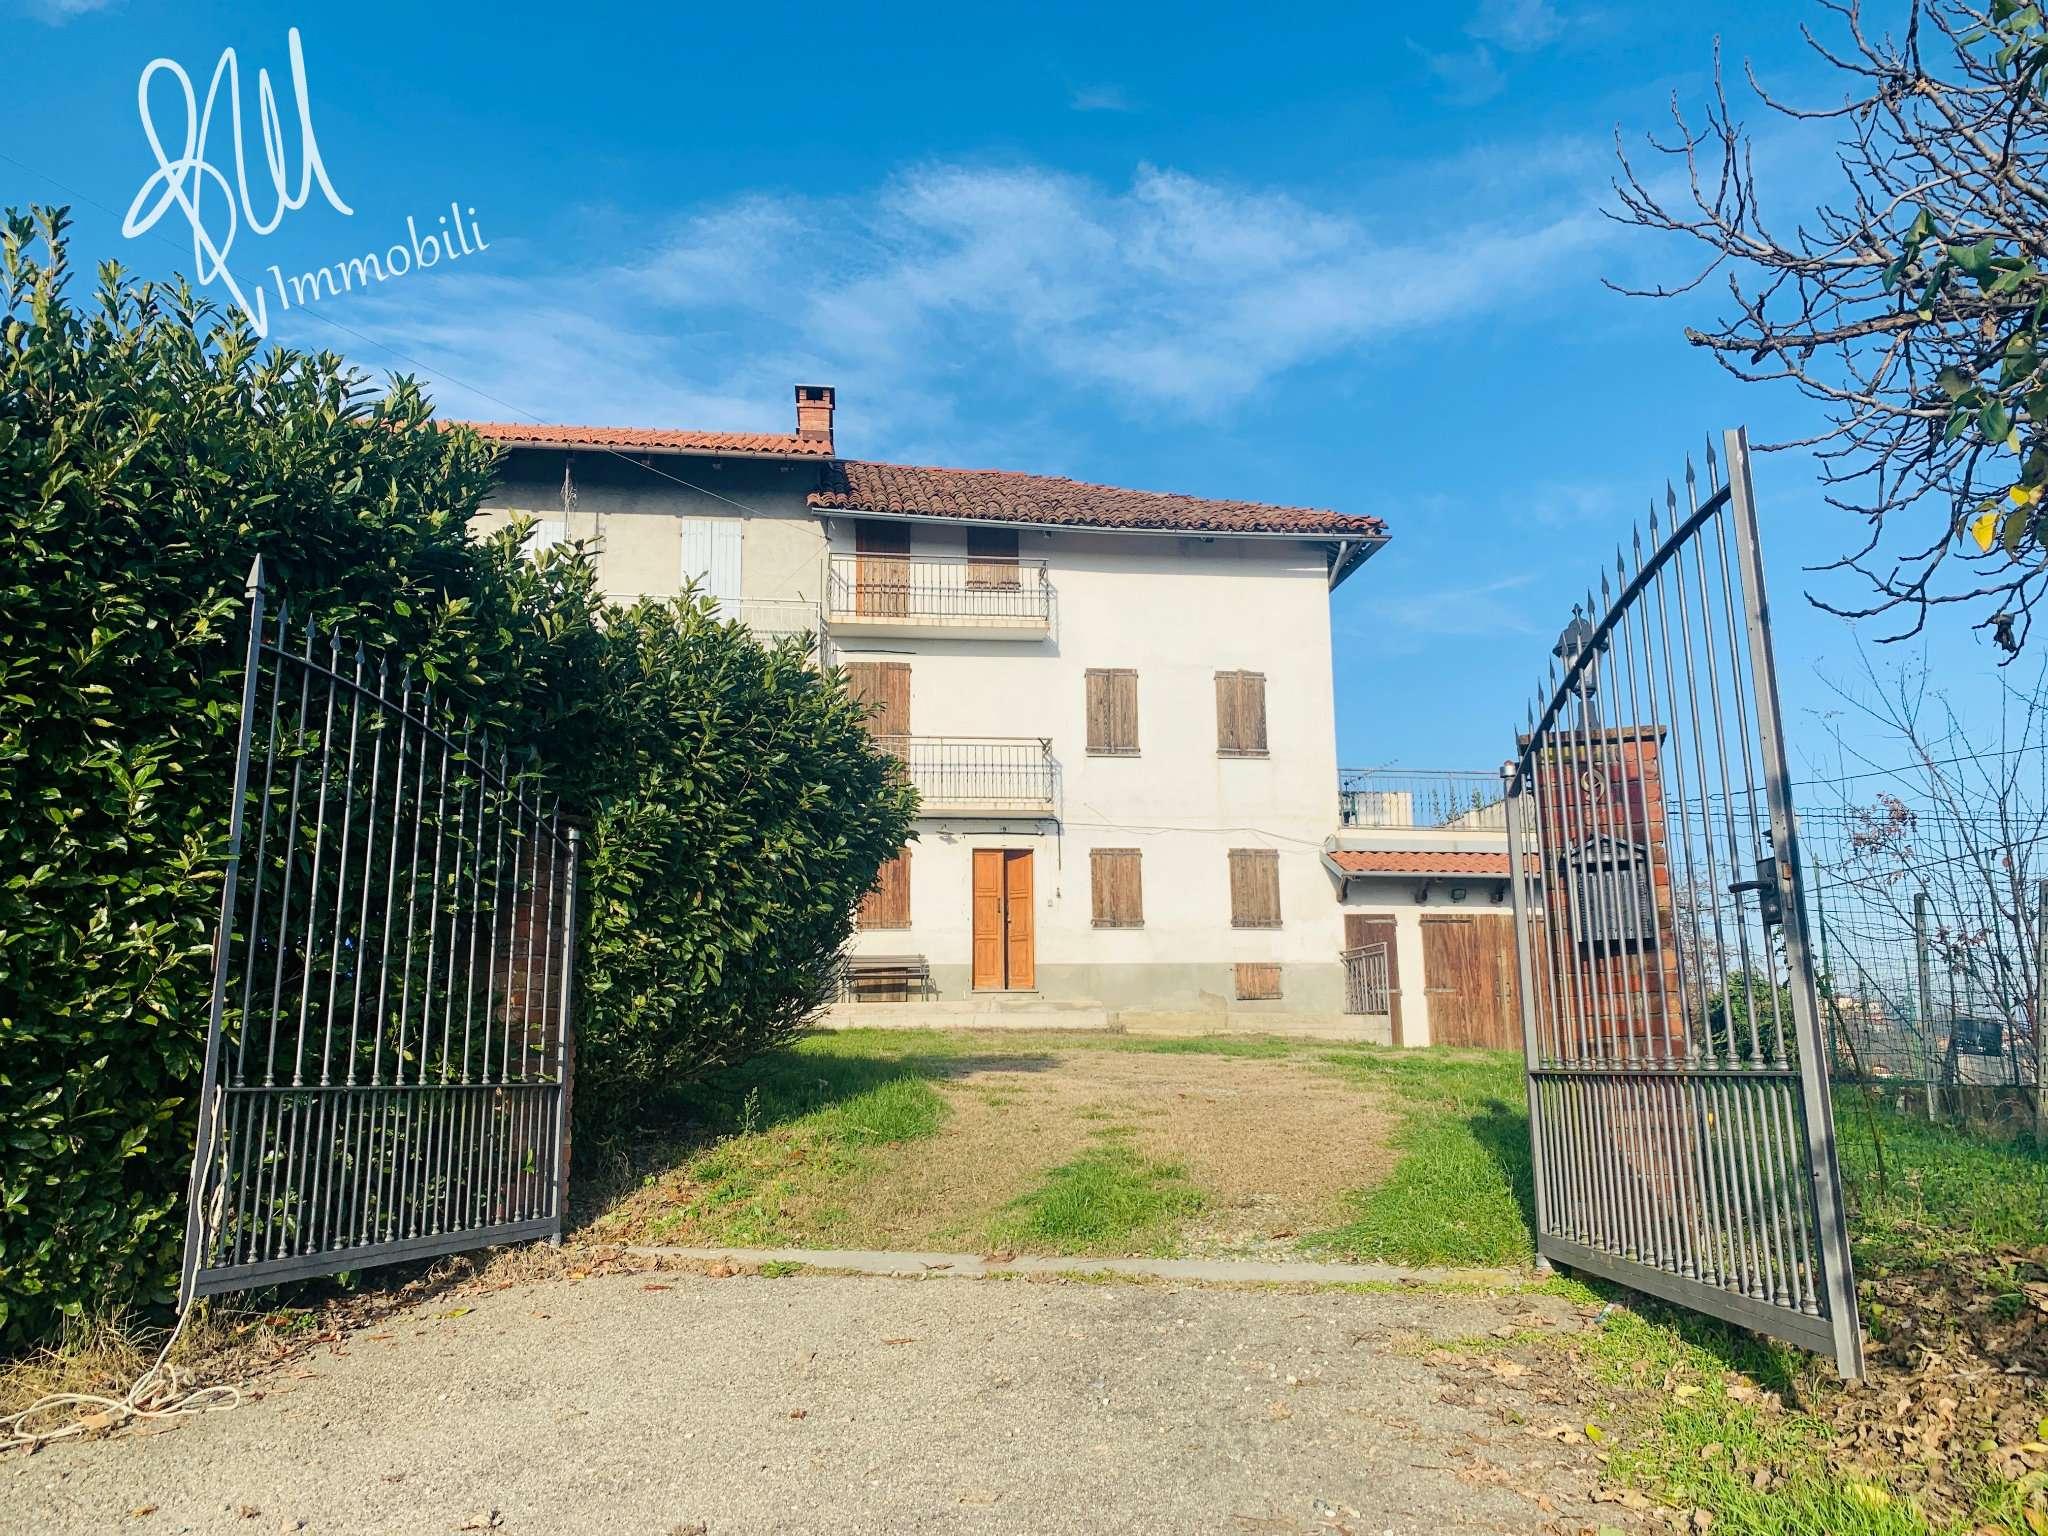 Soluzione Indipendente in vendita a Camerano Casasco, 5 locali, prezzo € 59.000 | CambioCasa.it